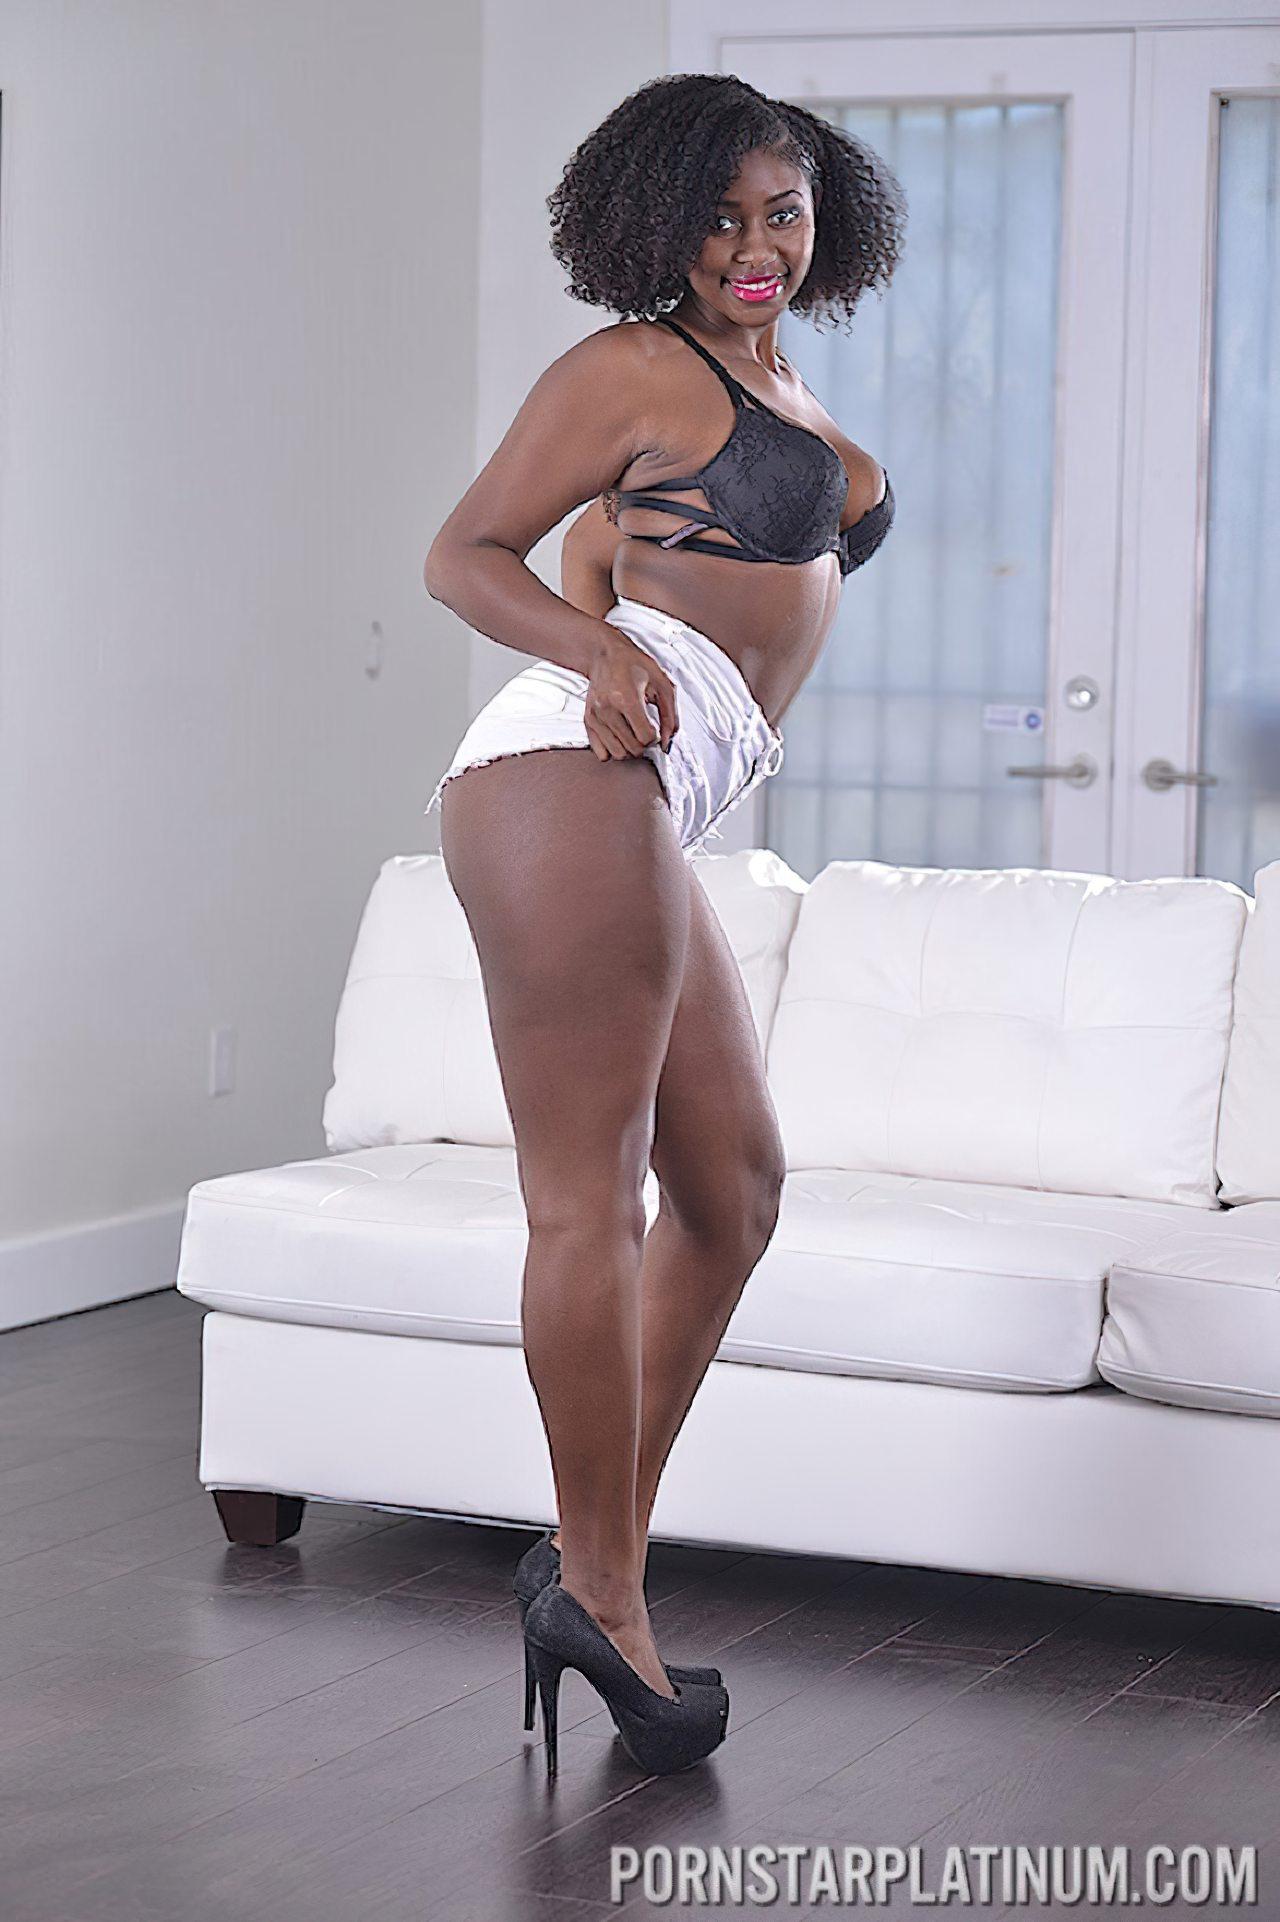 Mulher Negra Despindo Roupa (3)